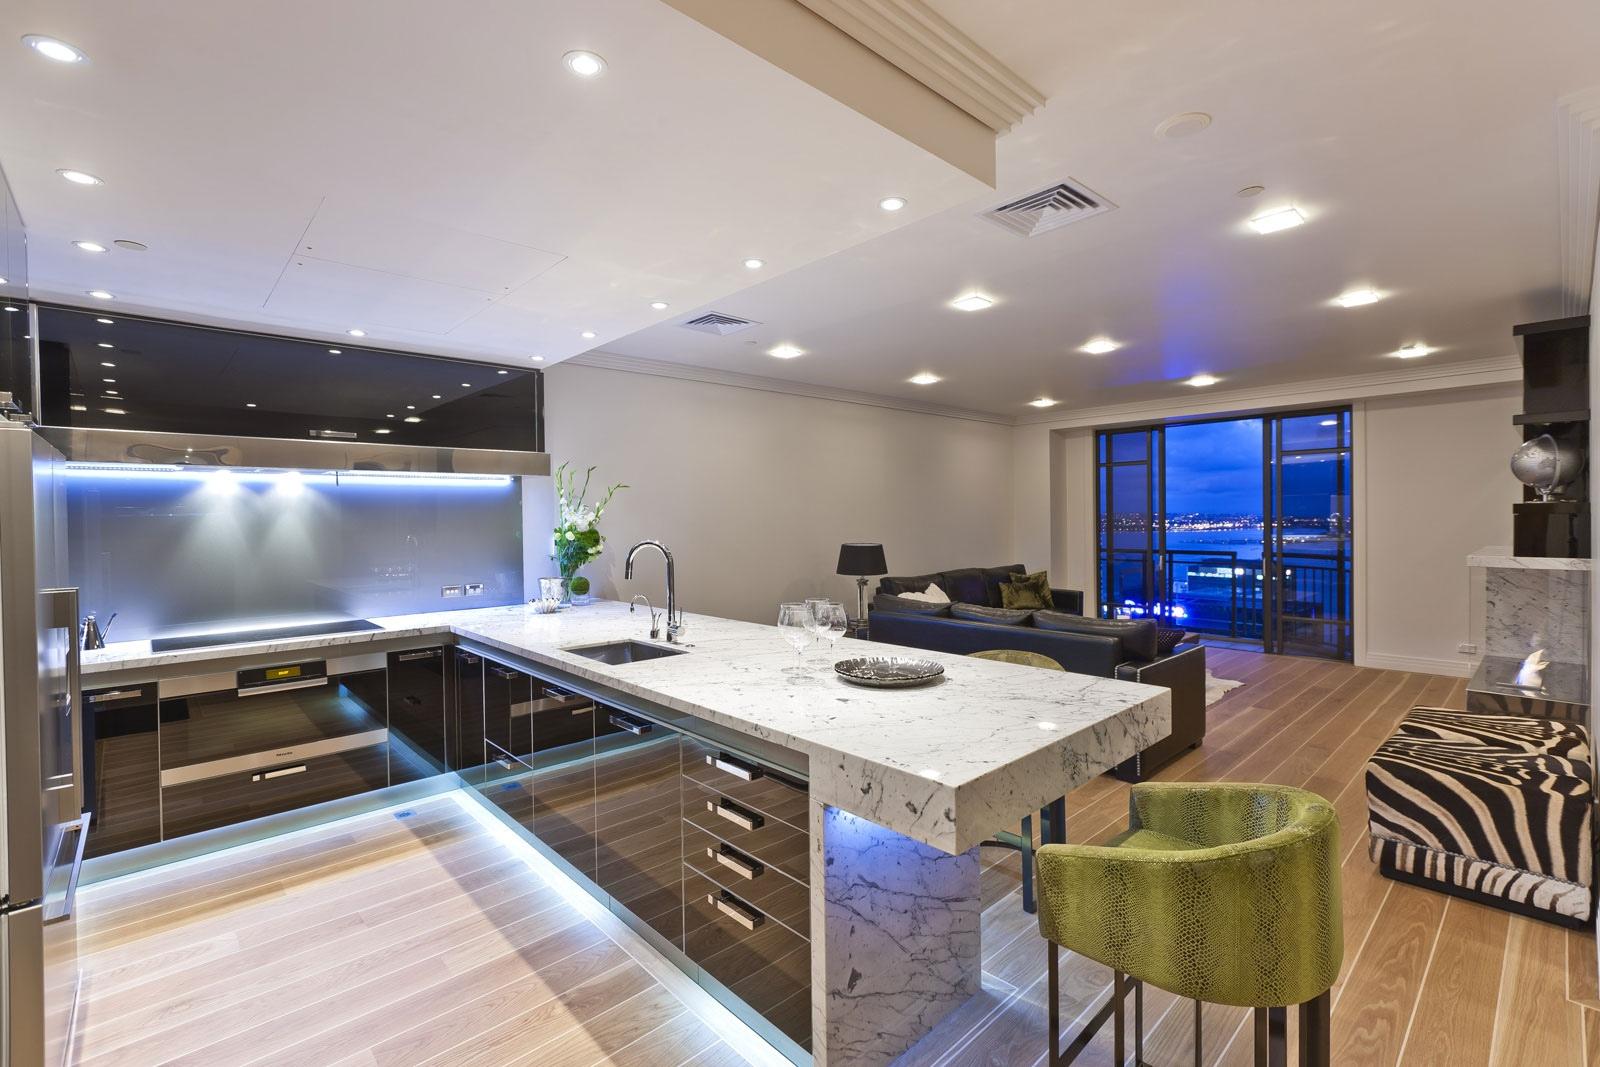 Moderne Kuchenarbeitsplatte Interieur Stil